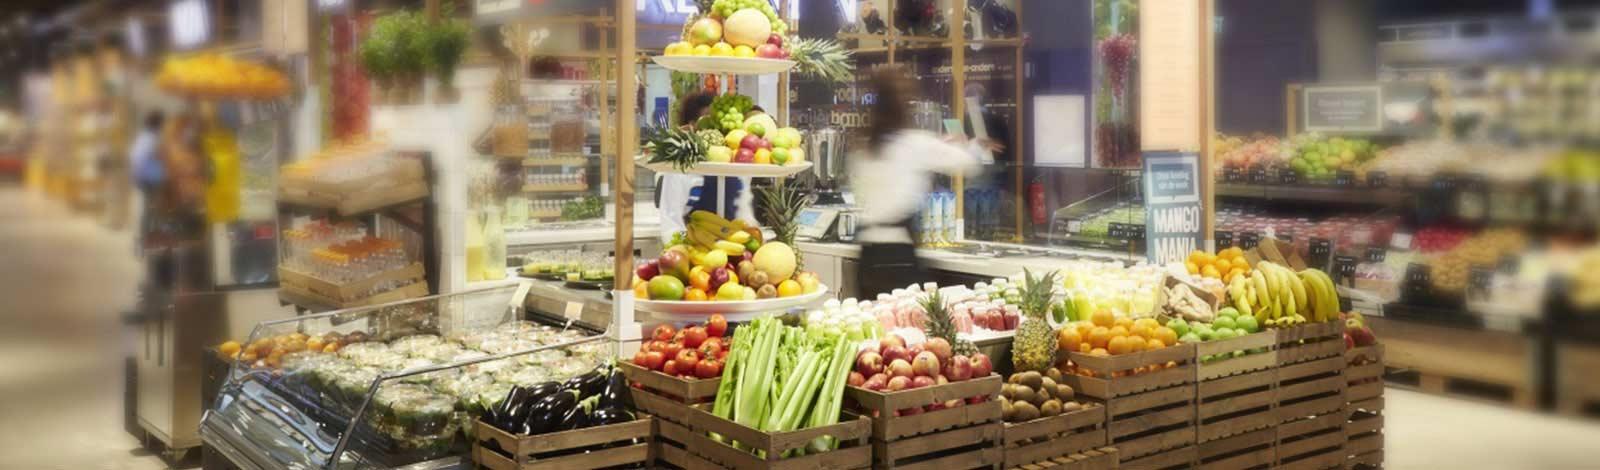 balansen-supermarkt3